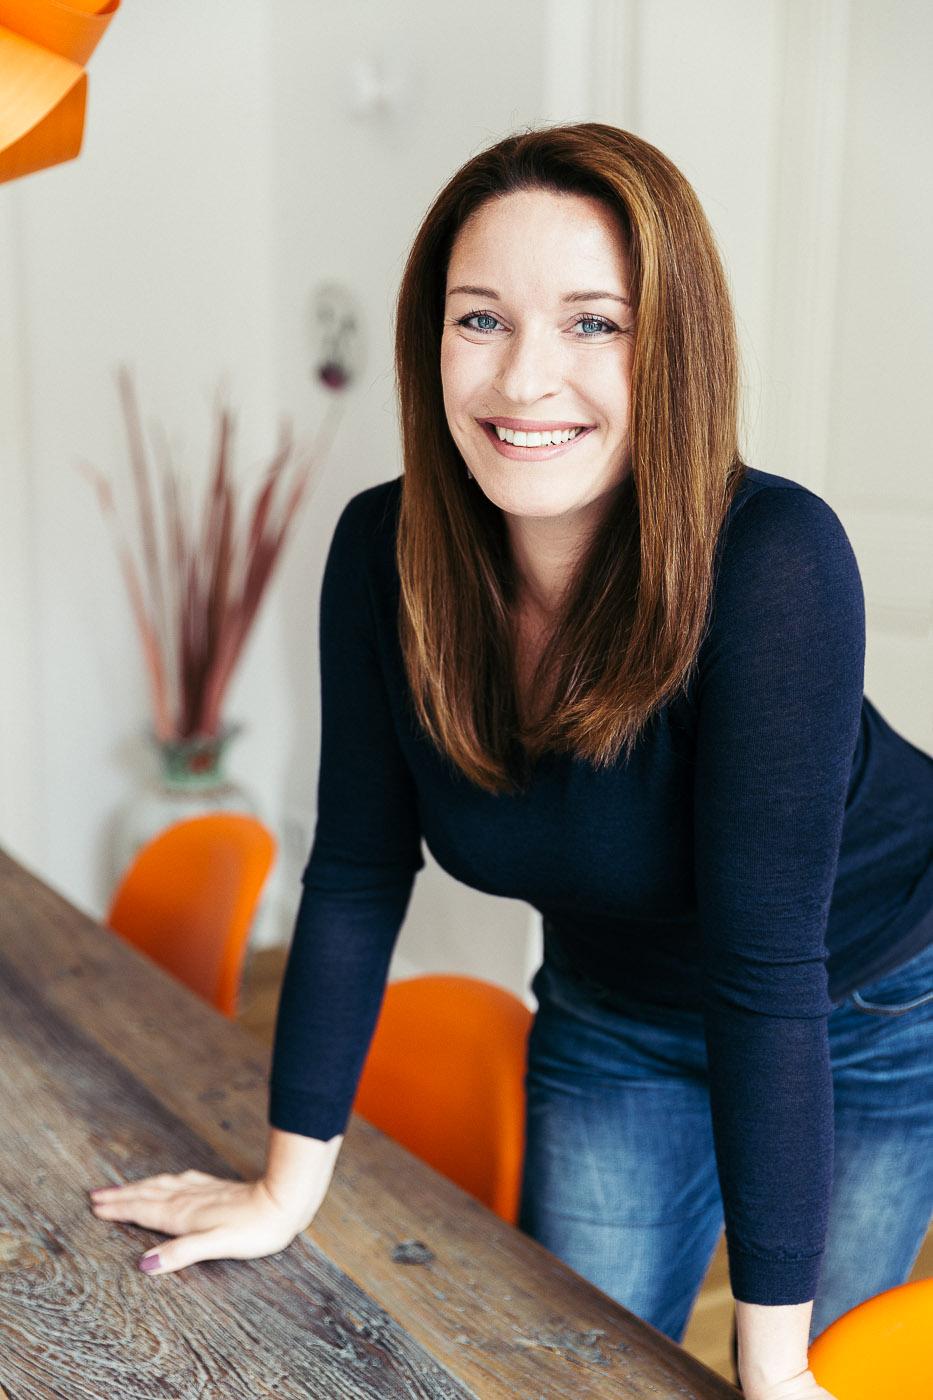 portrait business woman designer